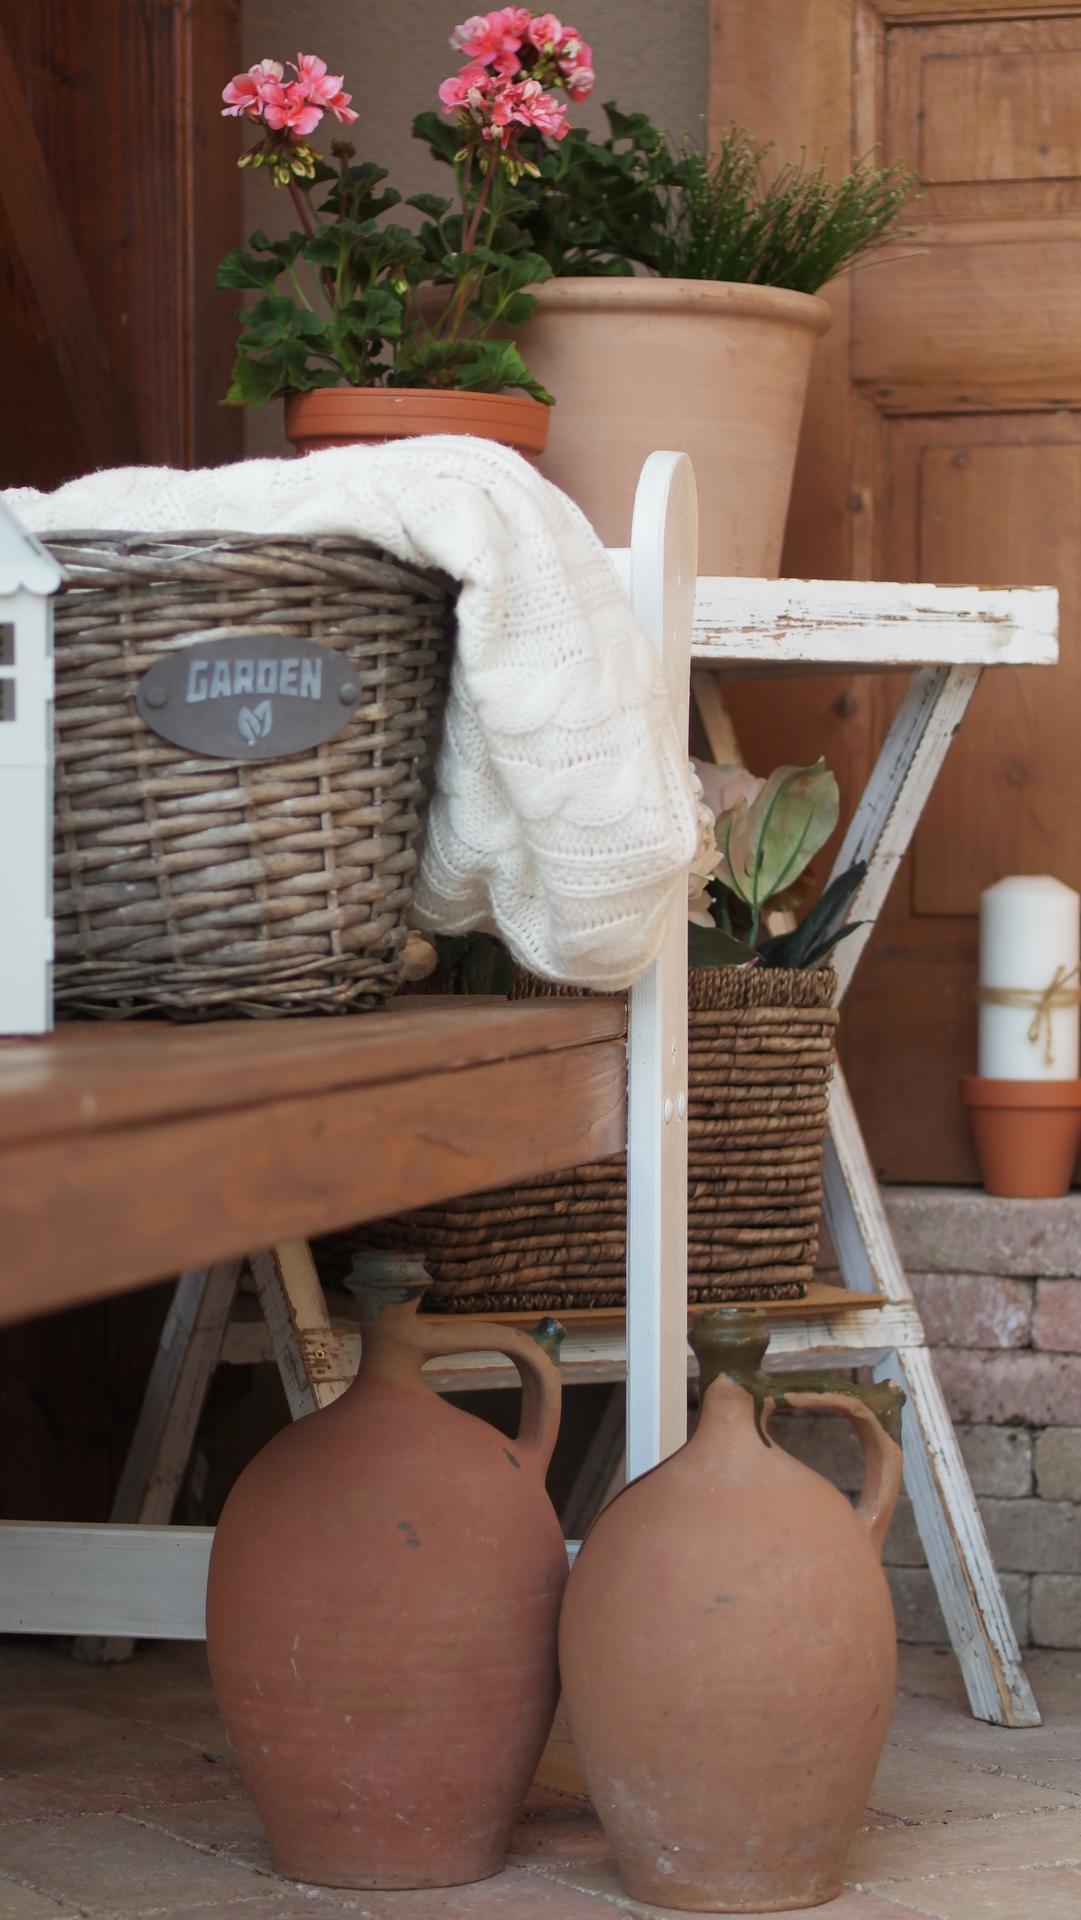 Náš domček ♡ Bramasole ♡ ... Stilo interiér aj exteriér 4. rok bývania - Obrázok č. 69